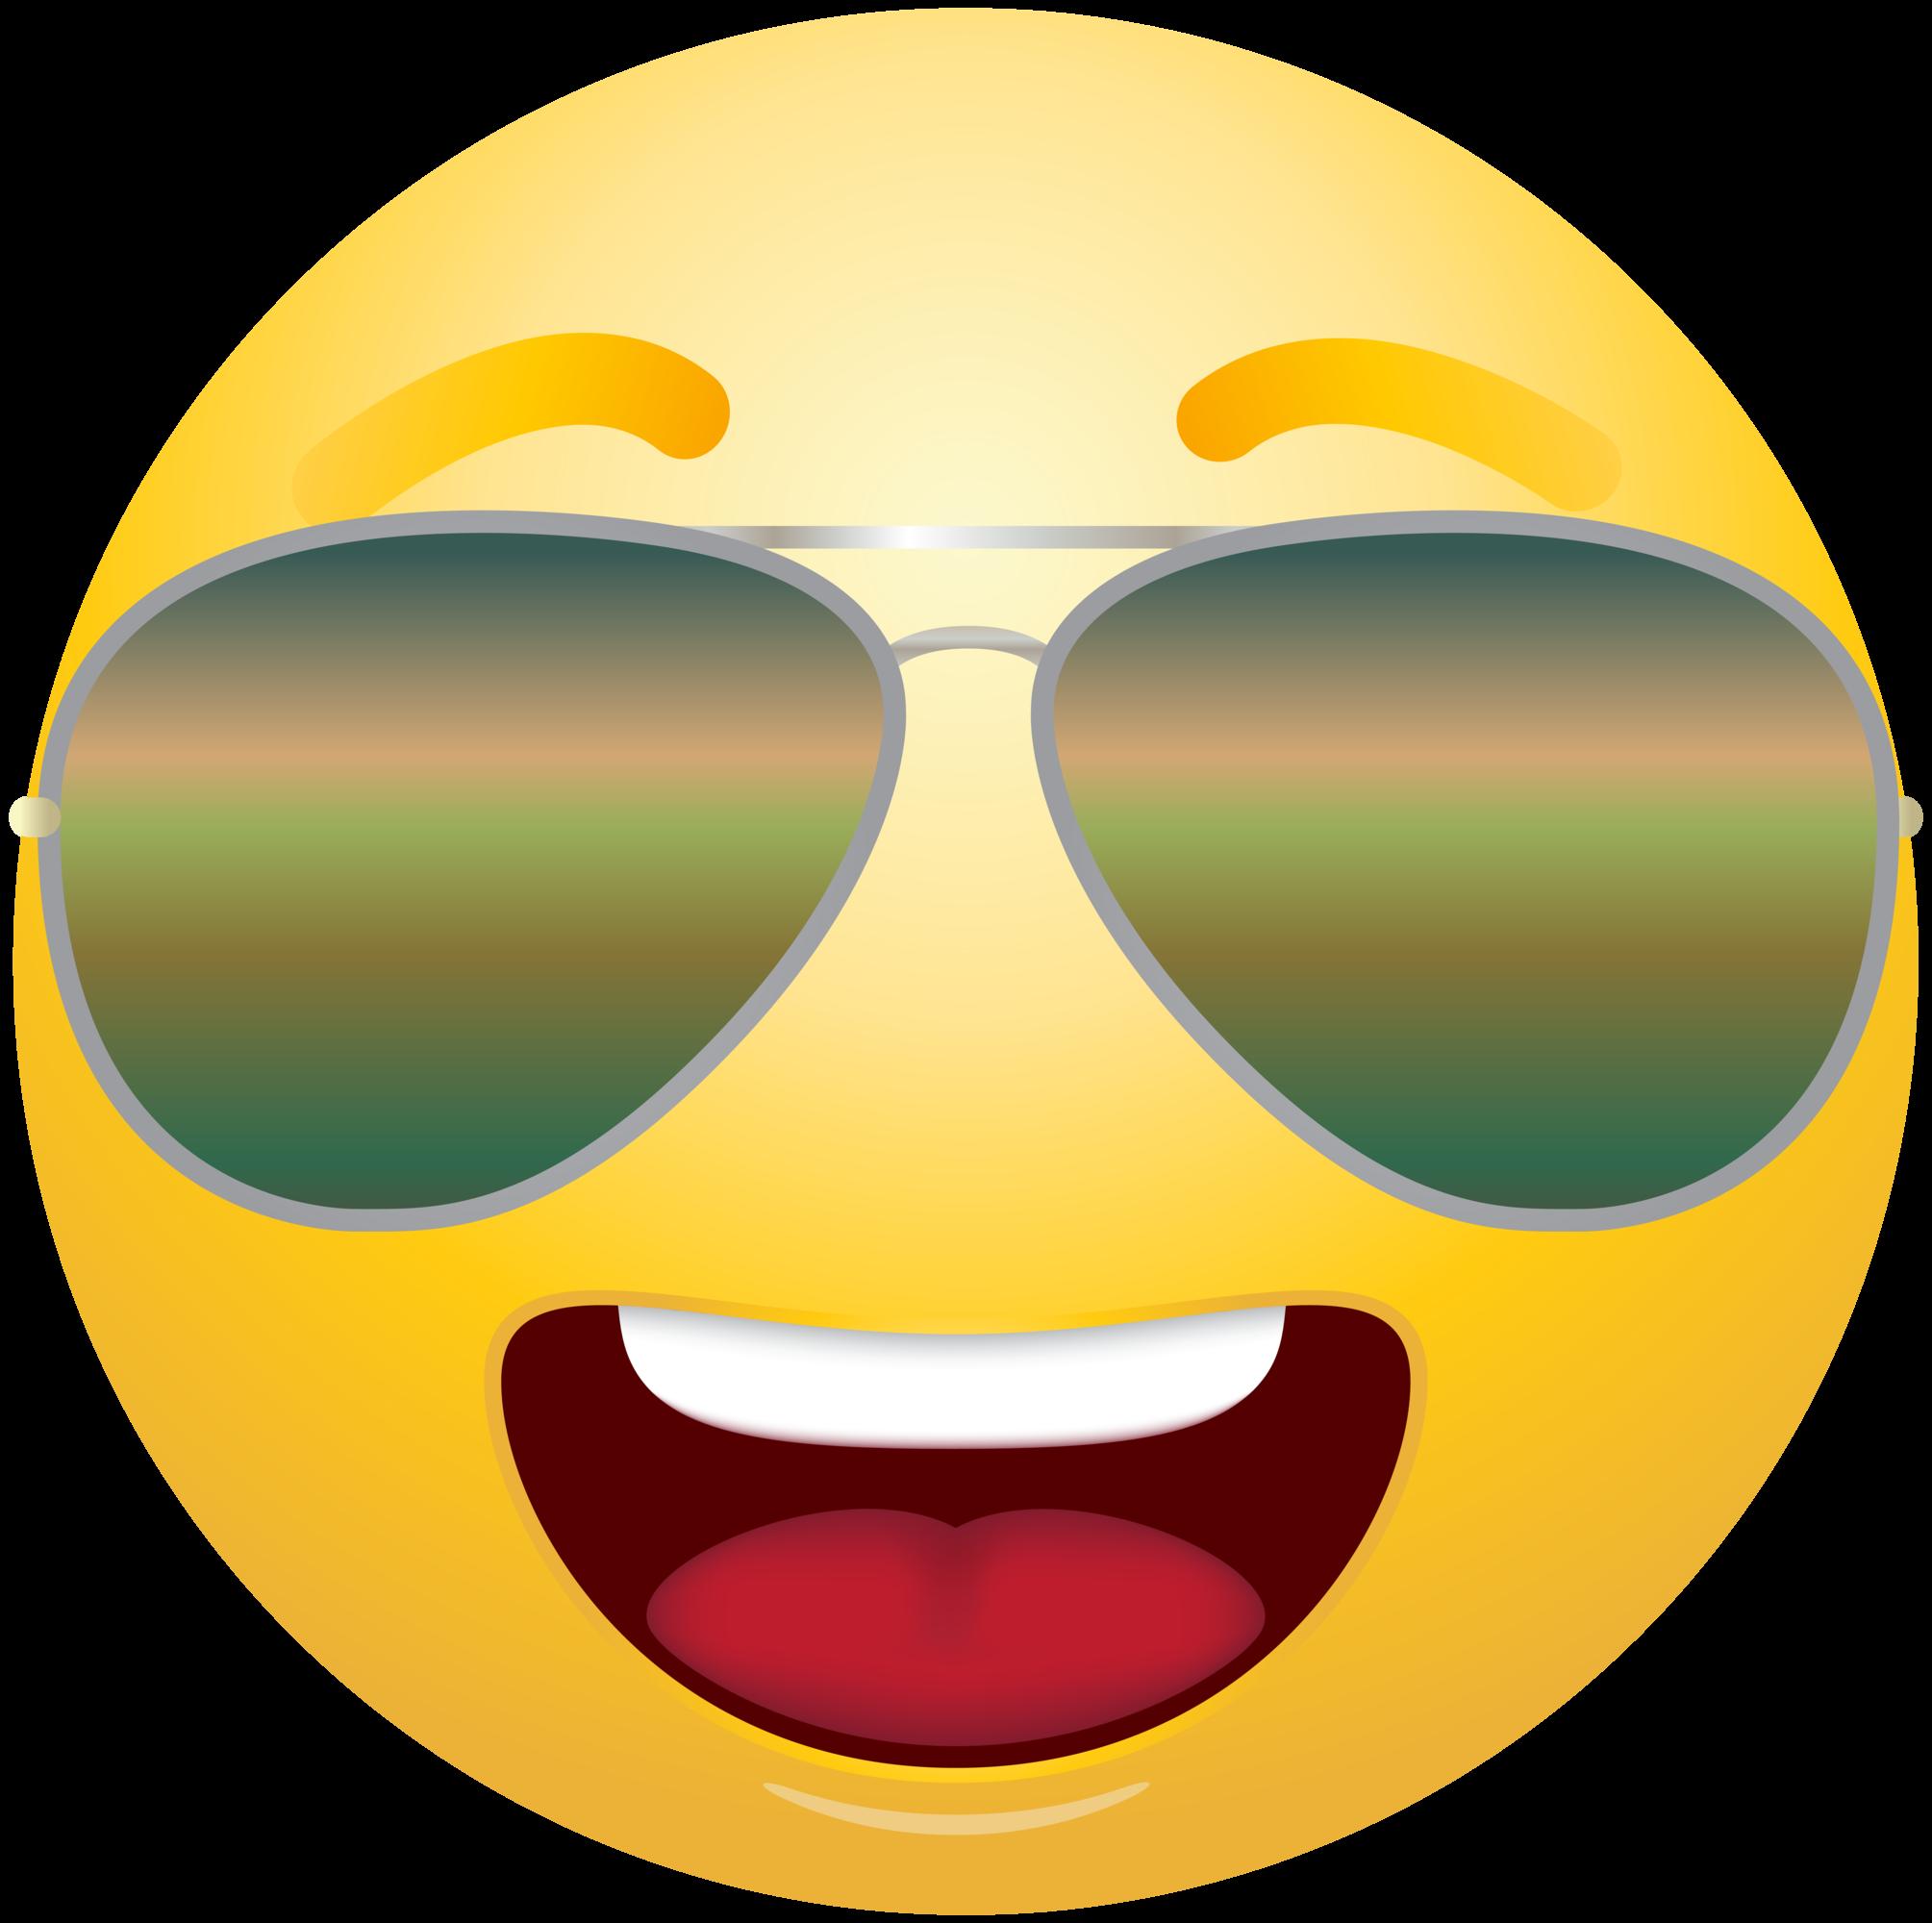 Sunglasses Emoji Clipart-Clipartlook.com-Sunglasses Emoji Clipart-Clipartlook.com-2009-1